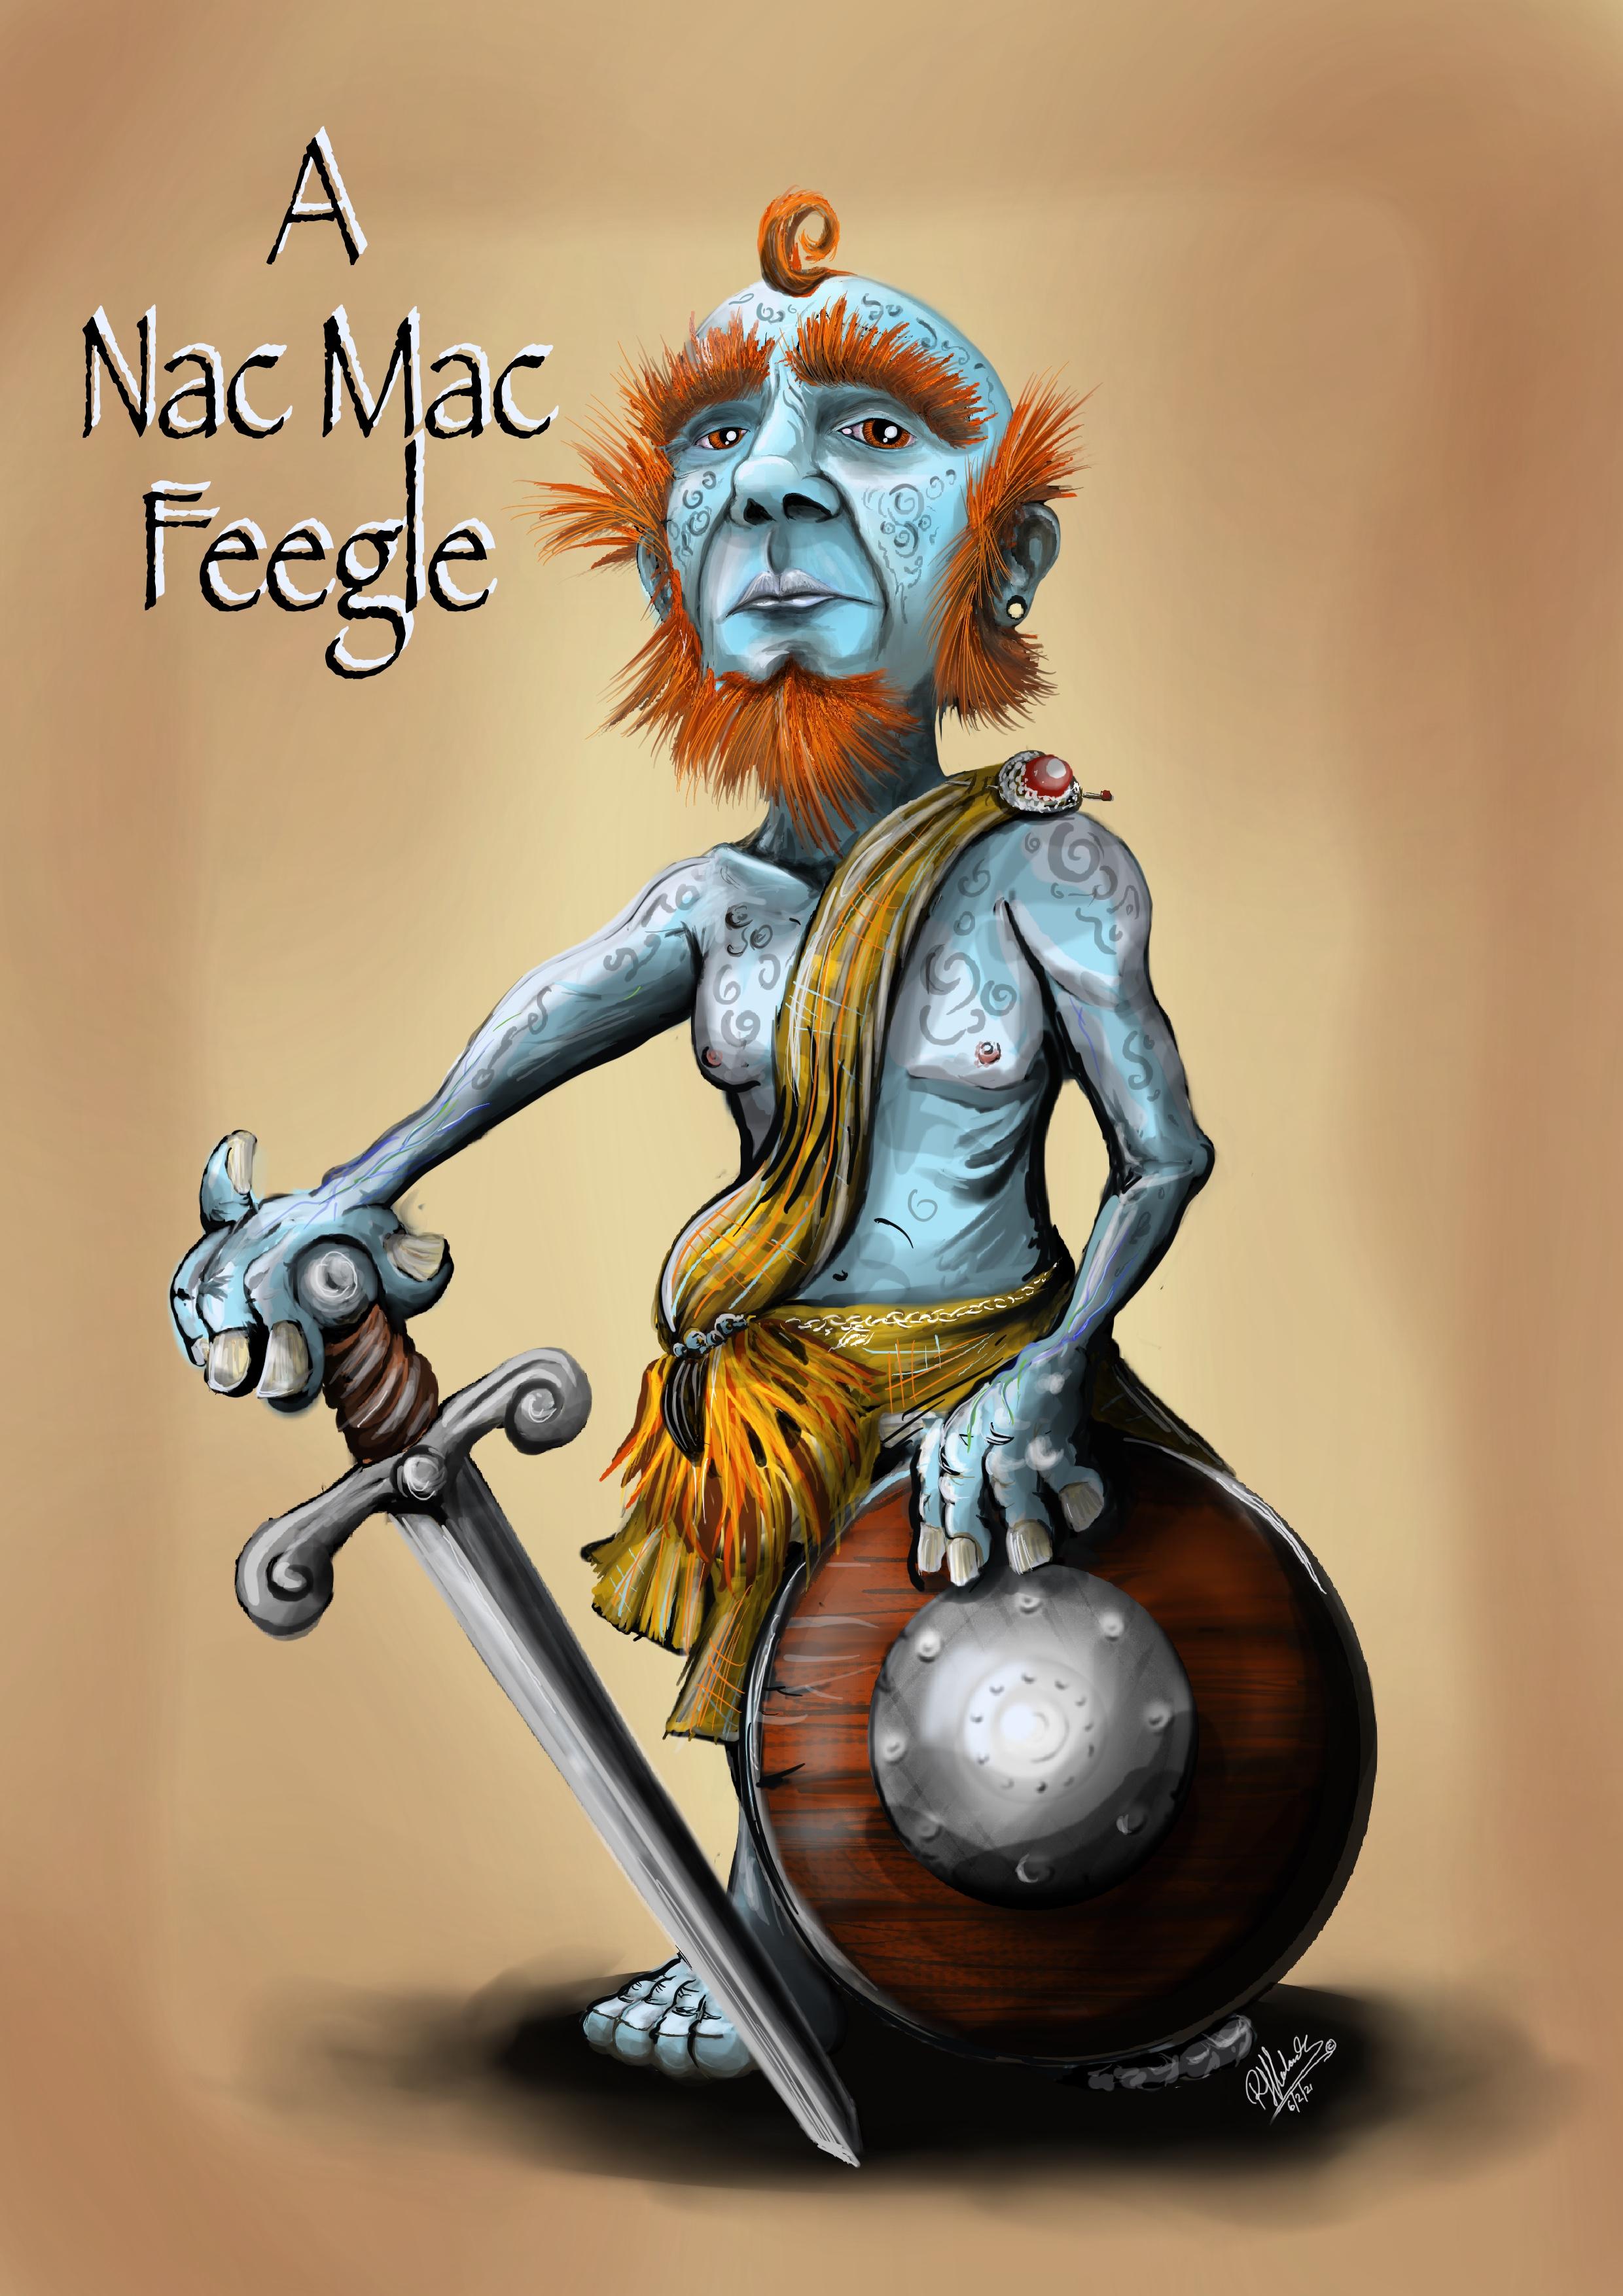 A_Mac_Mac_Feegle_ 2